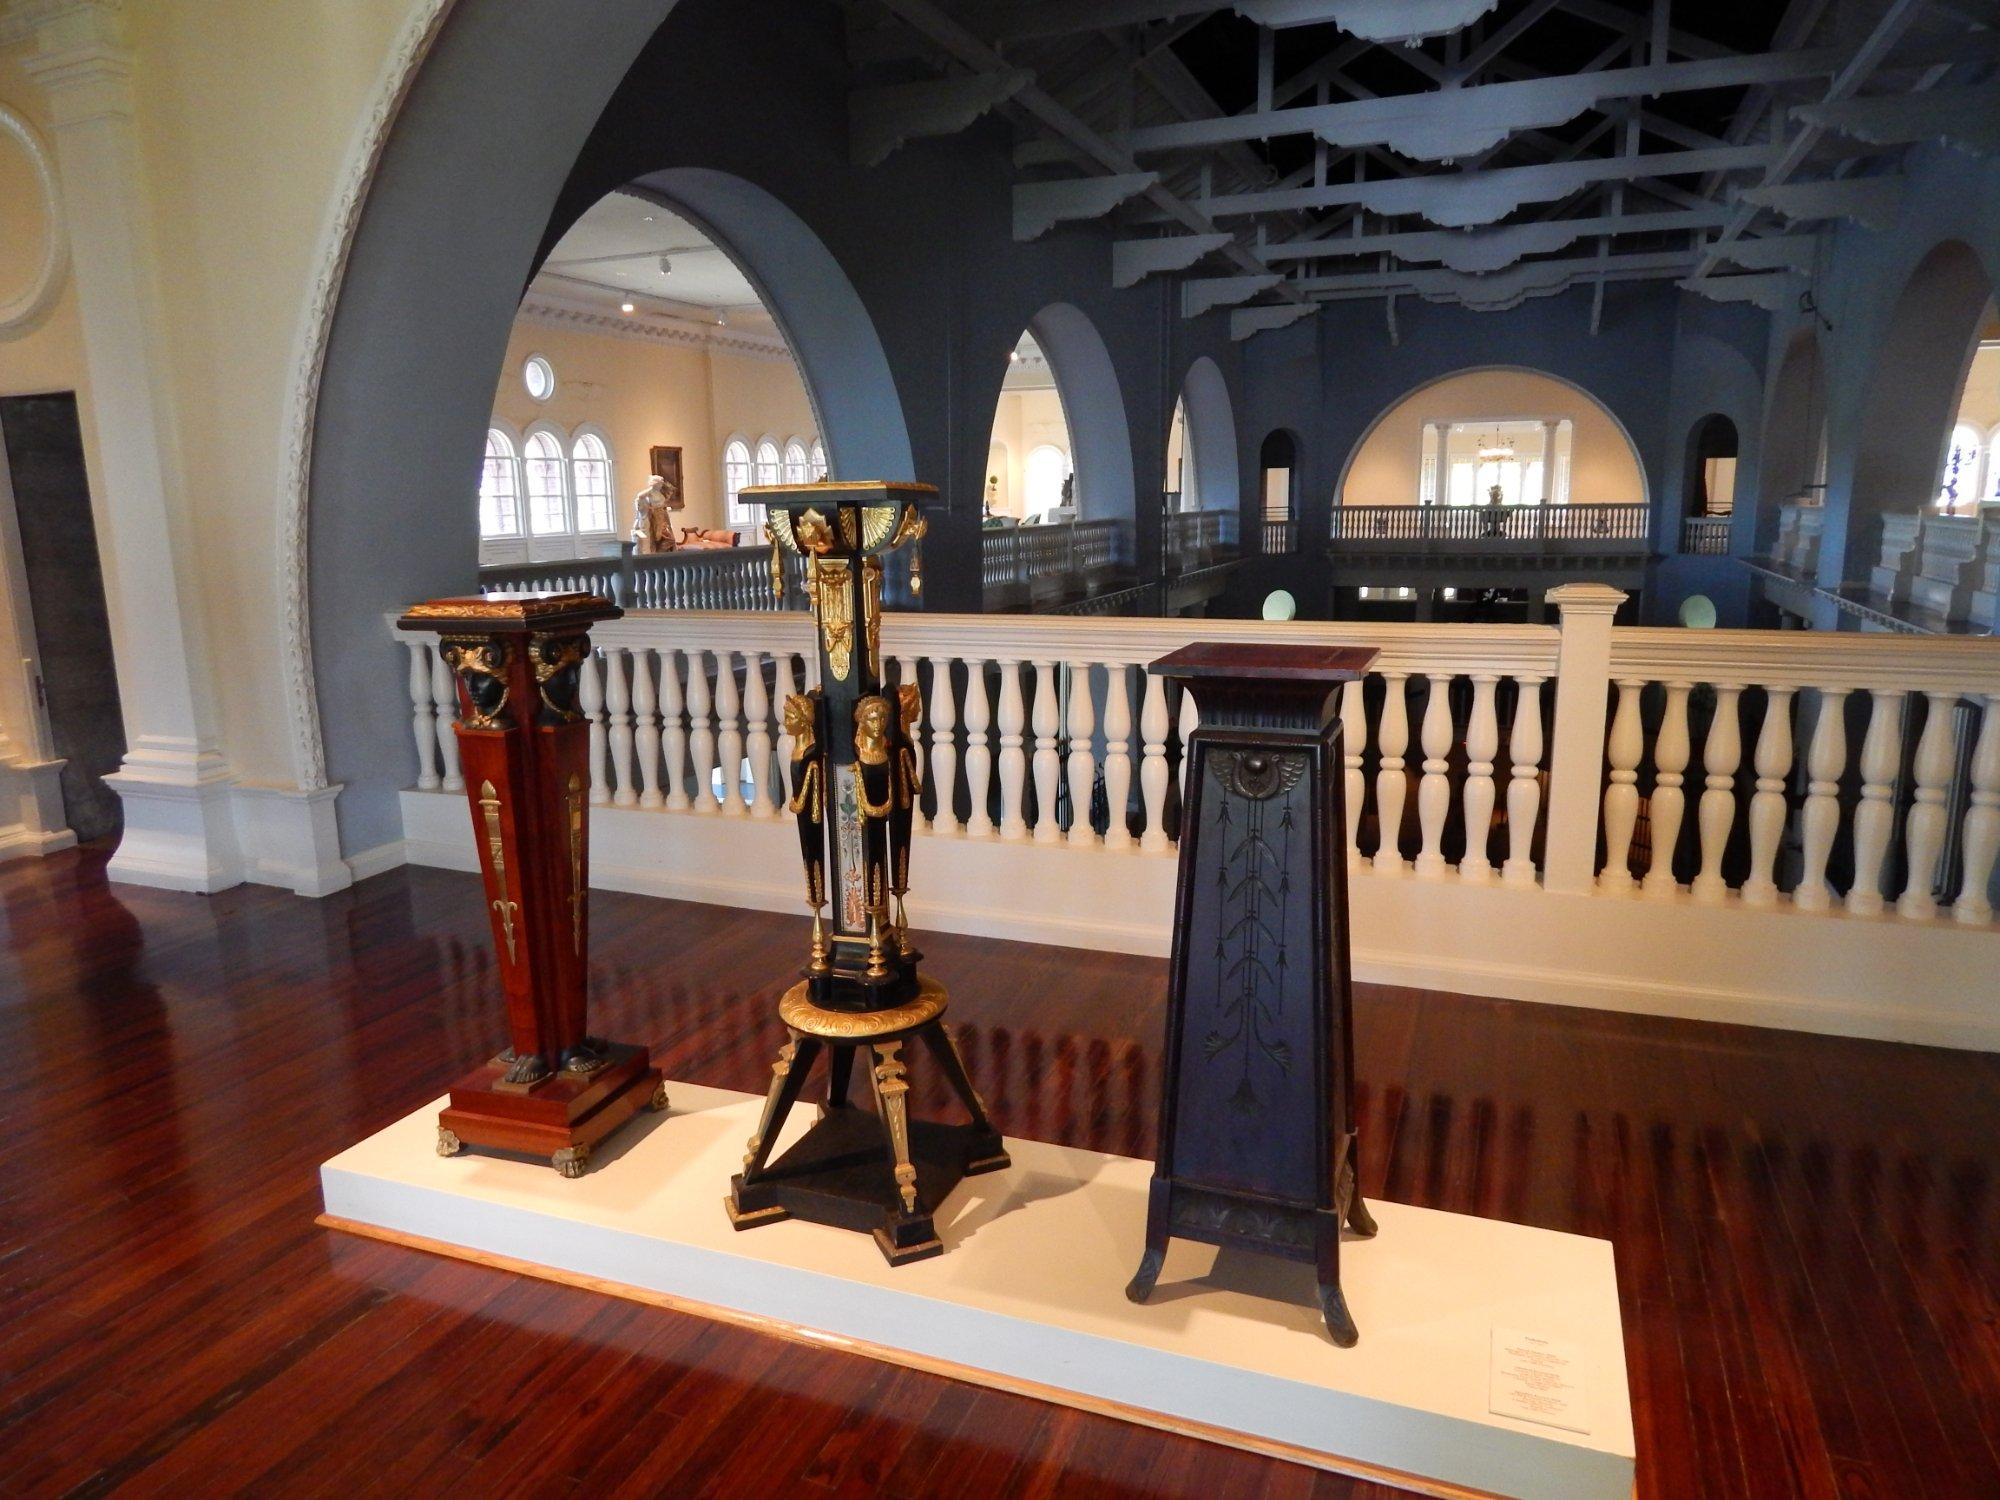 Lightner Museum, Saint Augustine, Florida.